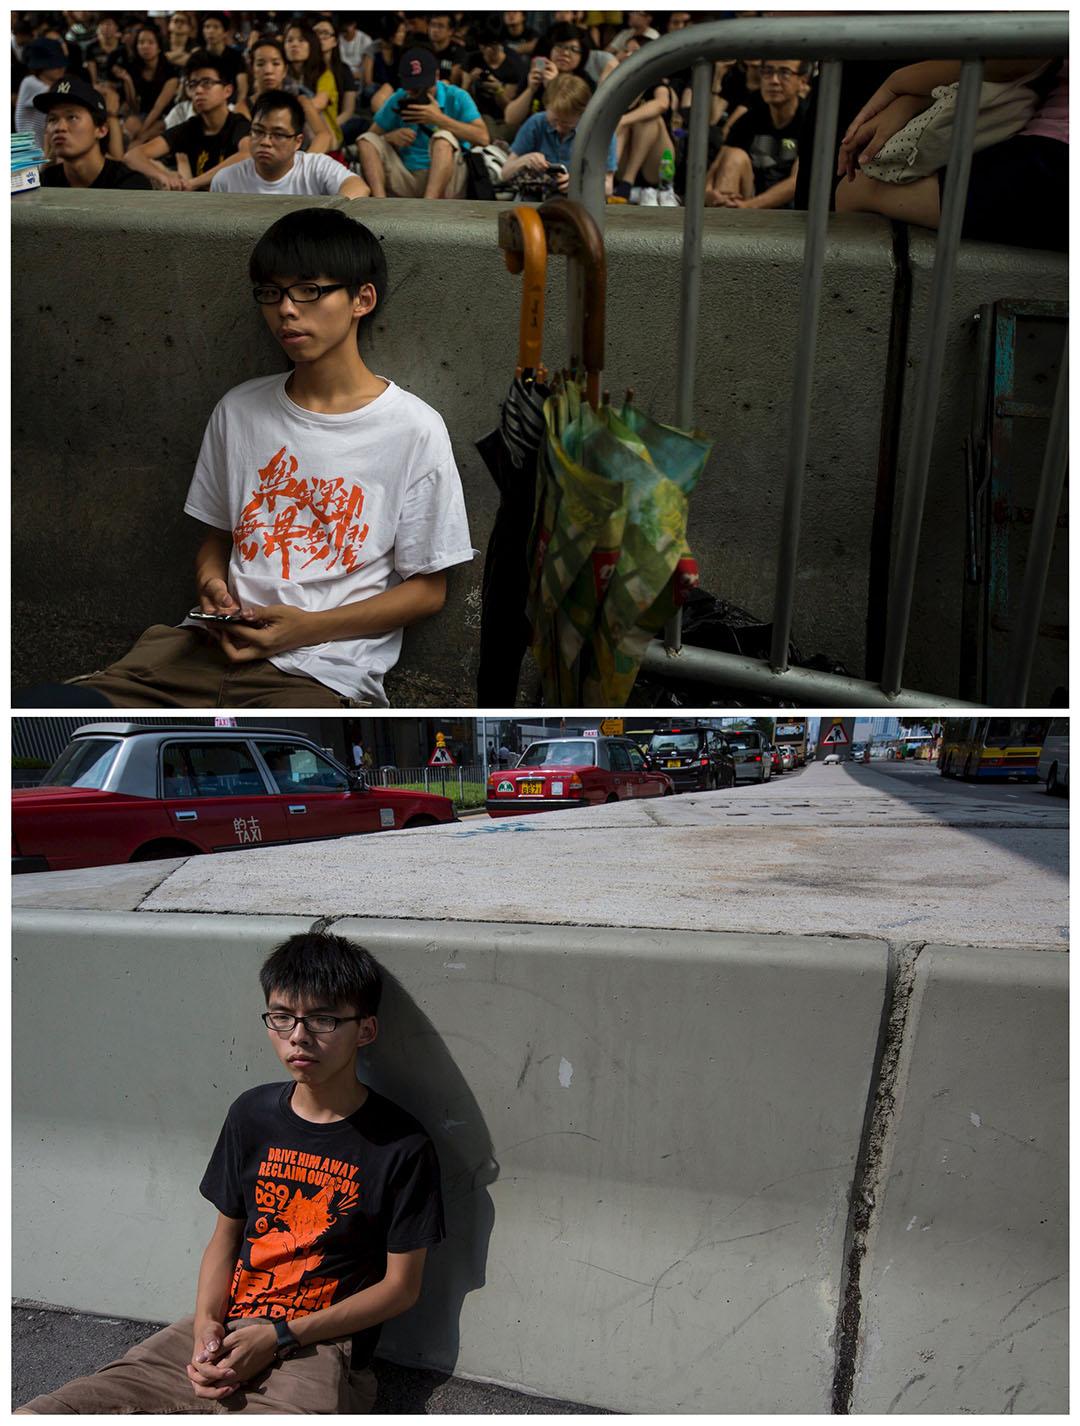 上圖攝於2014年10月4日,學民思潮發言人黃之鋒在金鐘佔領區演講後坐在路邊休息。下圖攝於今年9月18日,黃之鋒在同一位置拍照。黃之鋒認為雖然雨傘運動未能成功令香港爭取到真普選,「但我們仍上了寶貴一課,就是明白了要以抗爭去爭取民主、爭取普選。」攝:Tyrone Siu/REUTERS